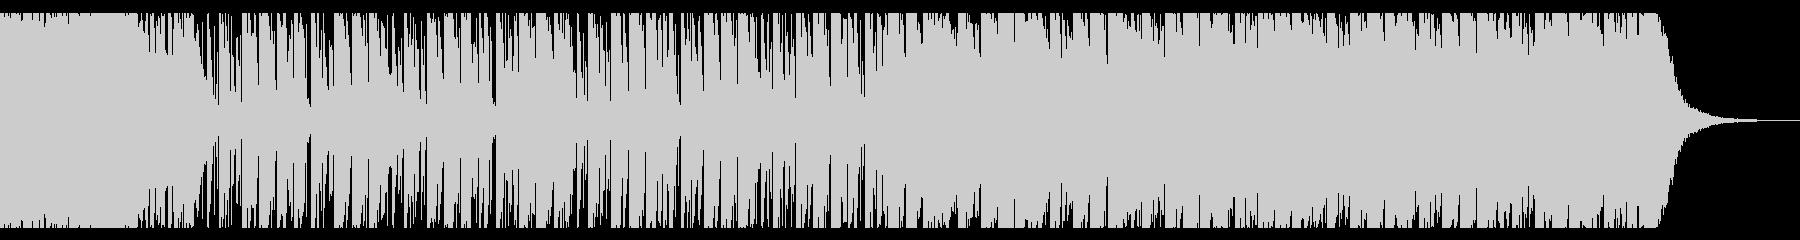 アラビアのtrap(60秒)の未再生の波形